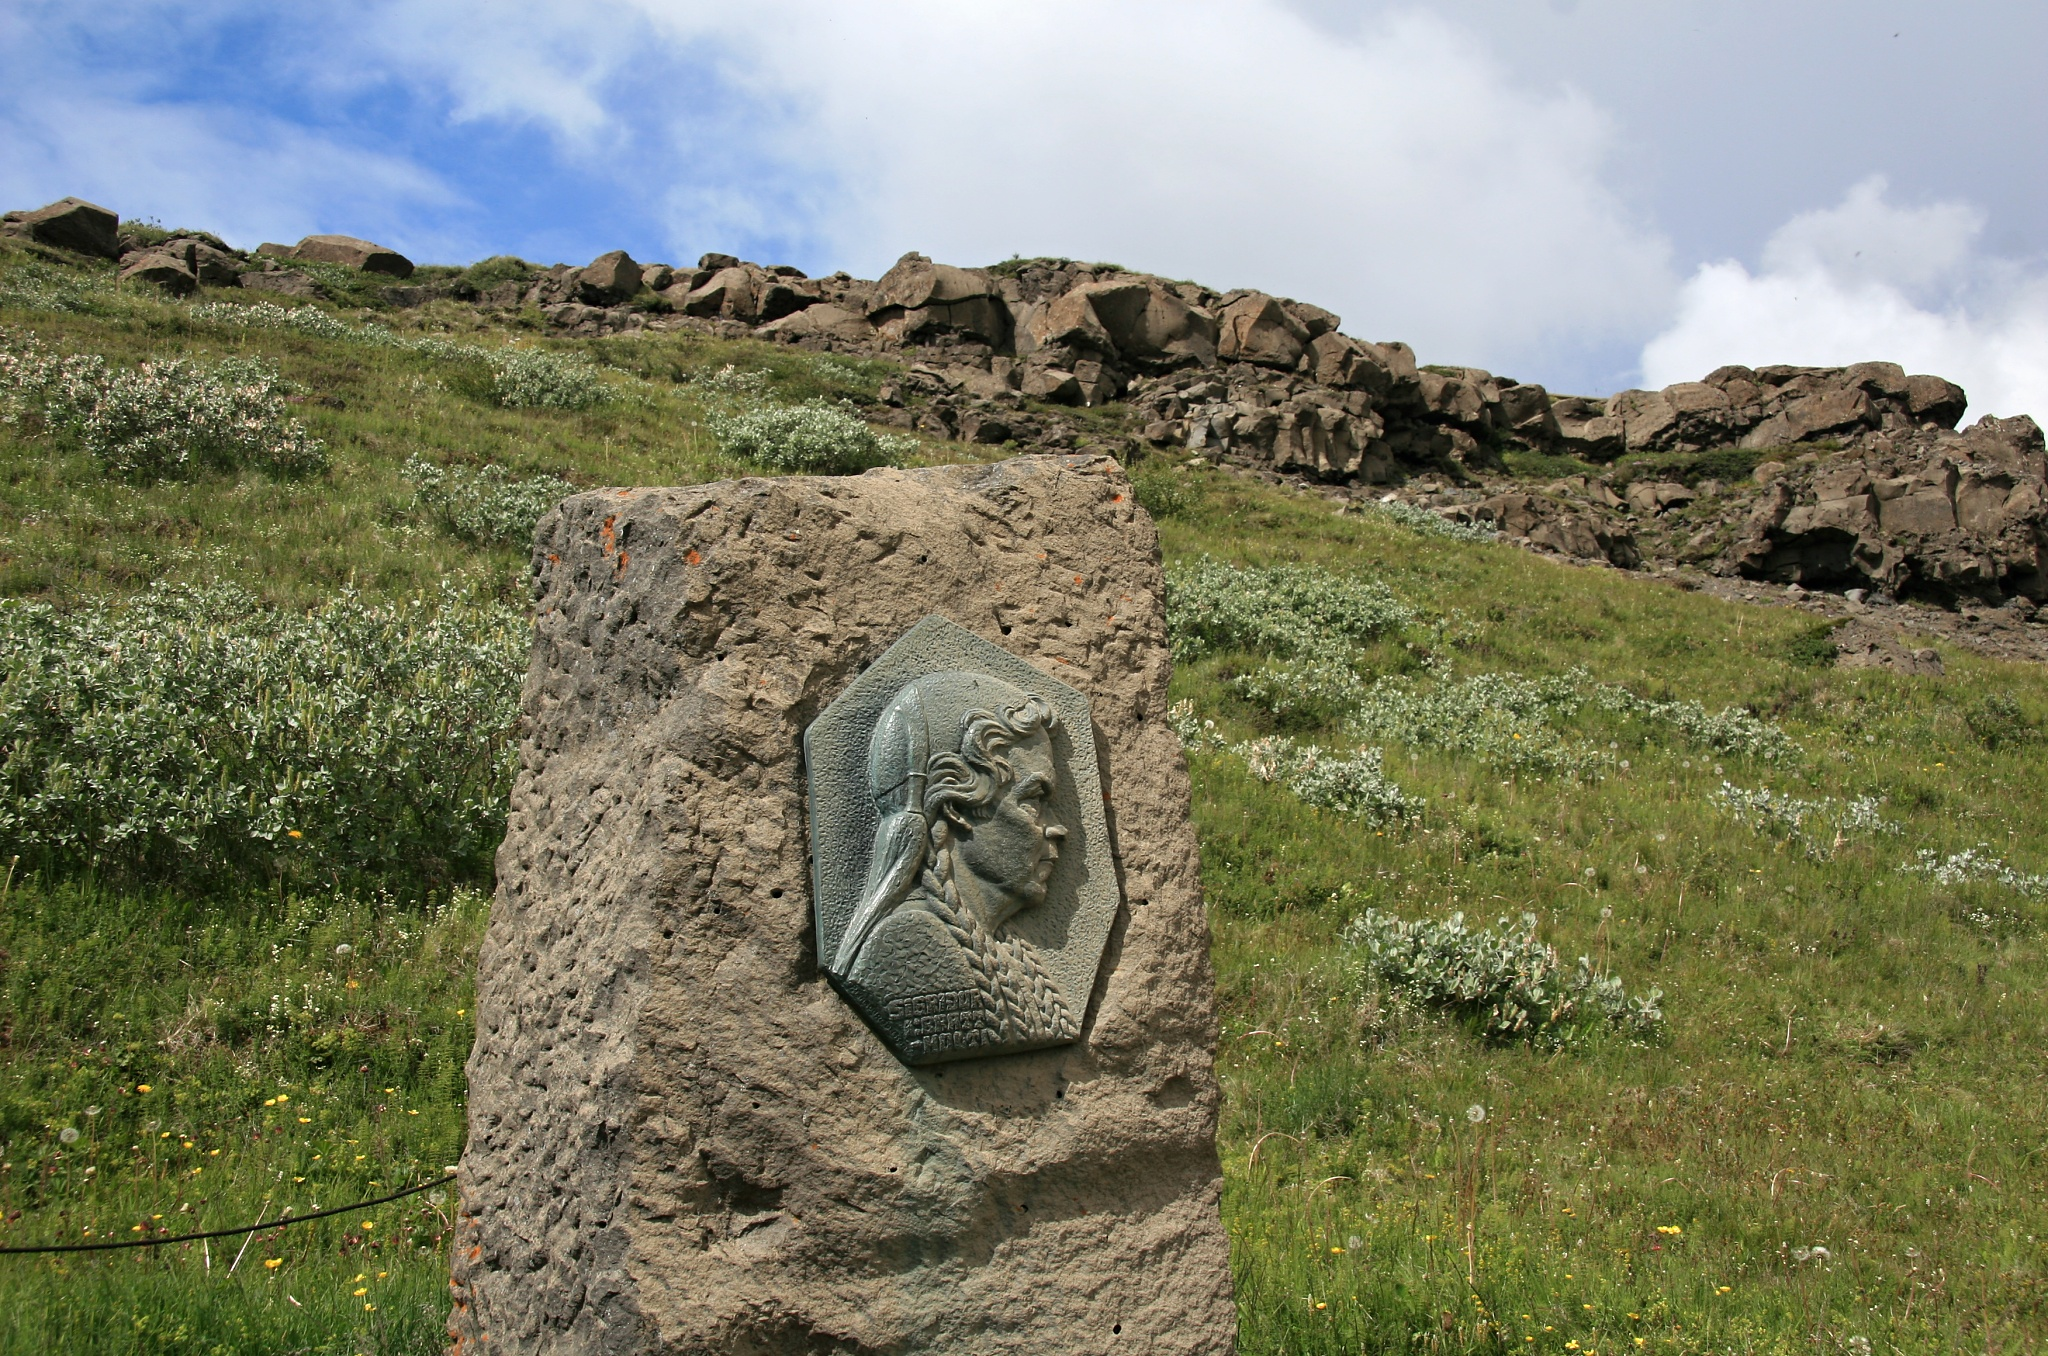 Díky tvrdohlavosti Sigríður Tómasdóttir je dnes kolem vodopádu rezervace a nikoliv plánovaná hydroelektrárna